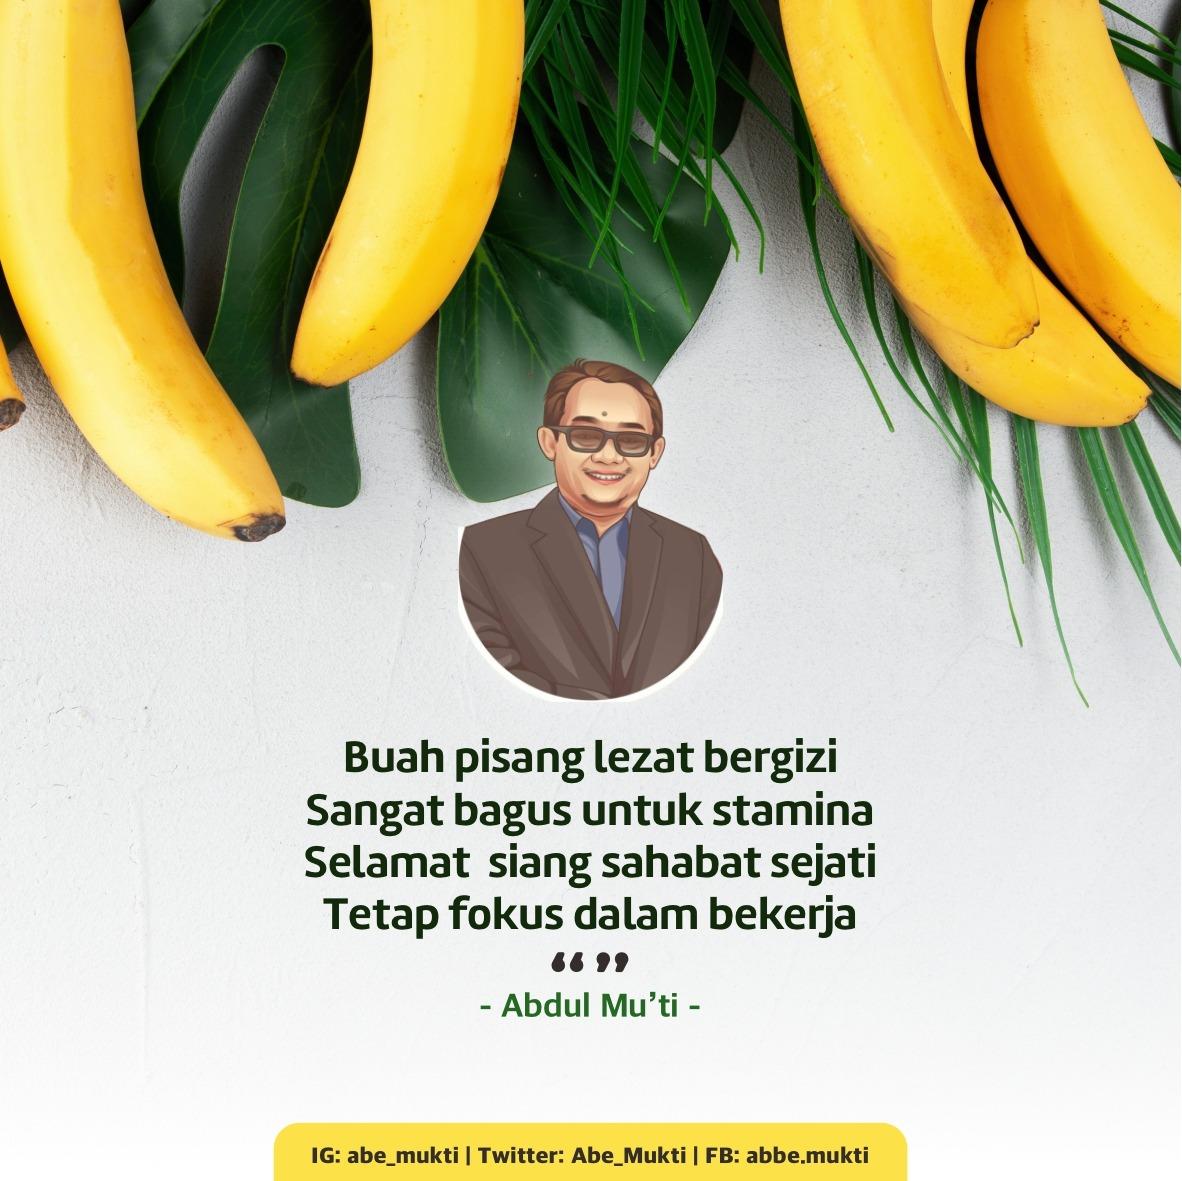 Buah pisang lezat bergizi/ Sangat bagus untuk stamina/Selamat  siang sahabat sejati/ tetap fokus dalam bekerja😀 https://t.co/e7ck91hTJ0